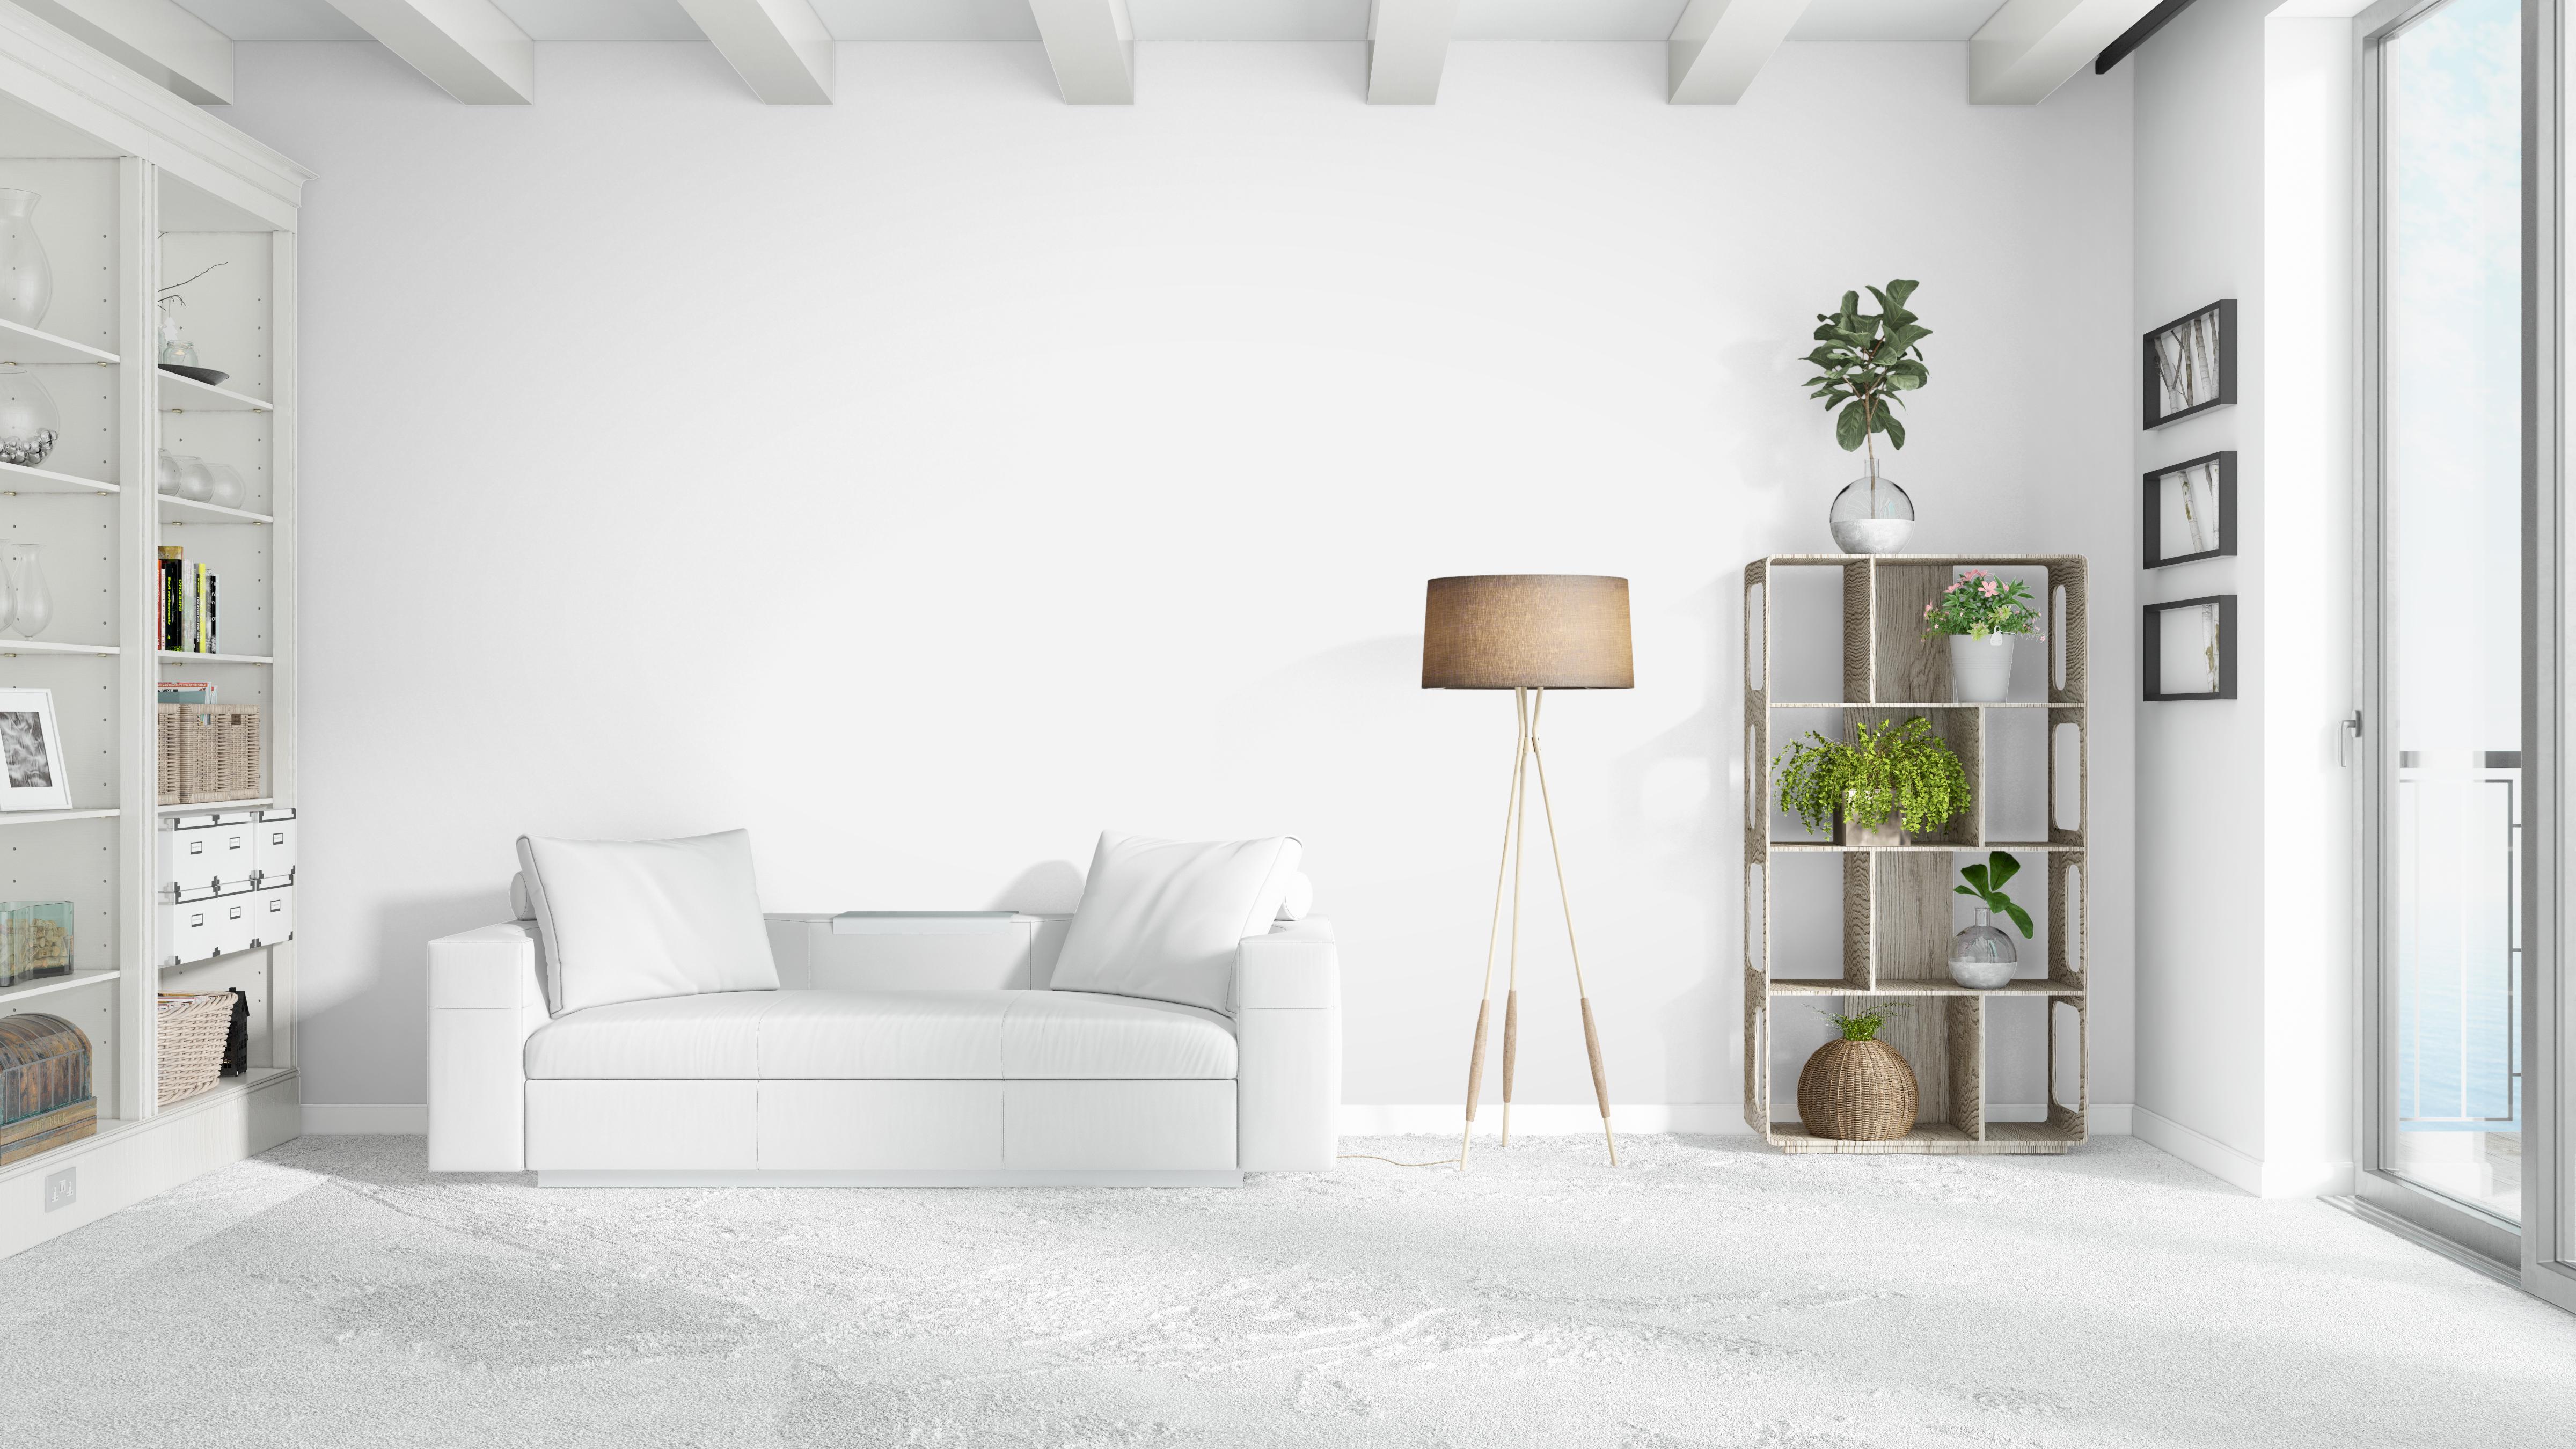 חדר מינימליסטי בצבעוניות לבנה